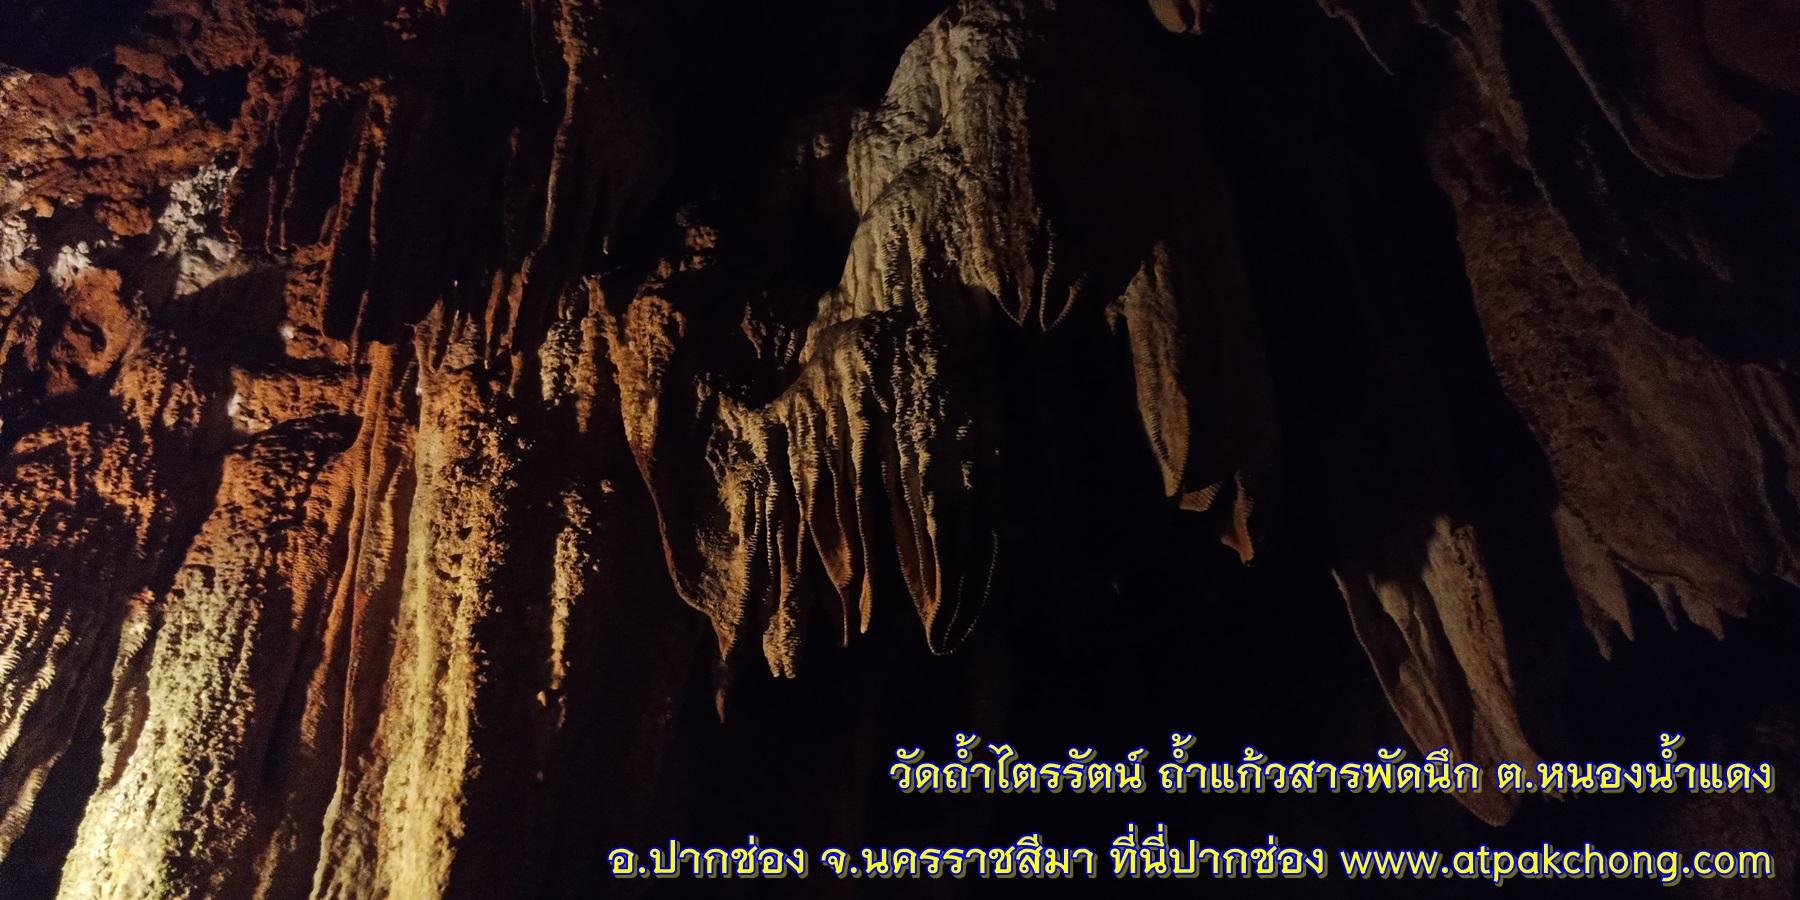 บรรยากาศภายในถ้ำ